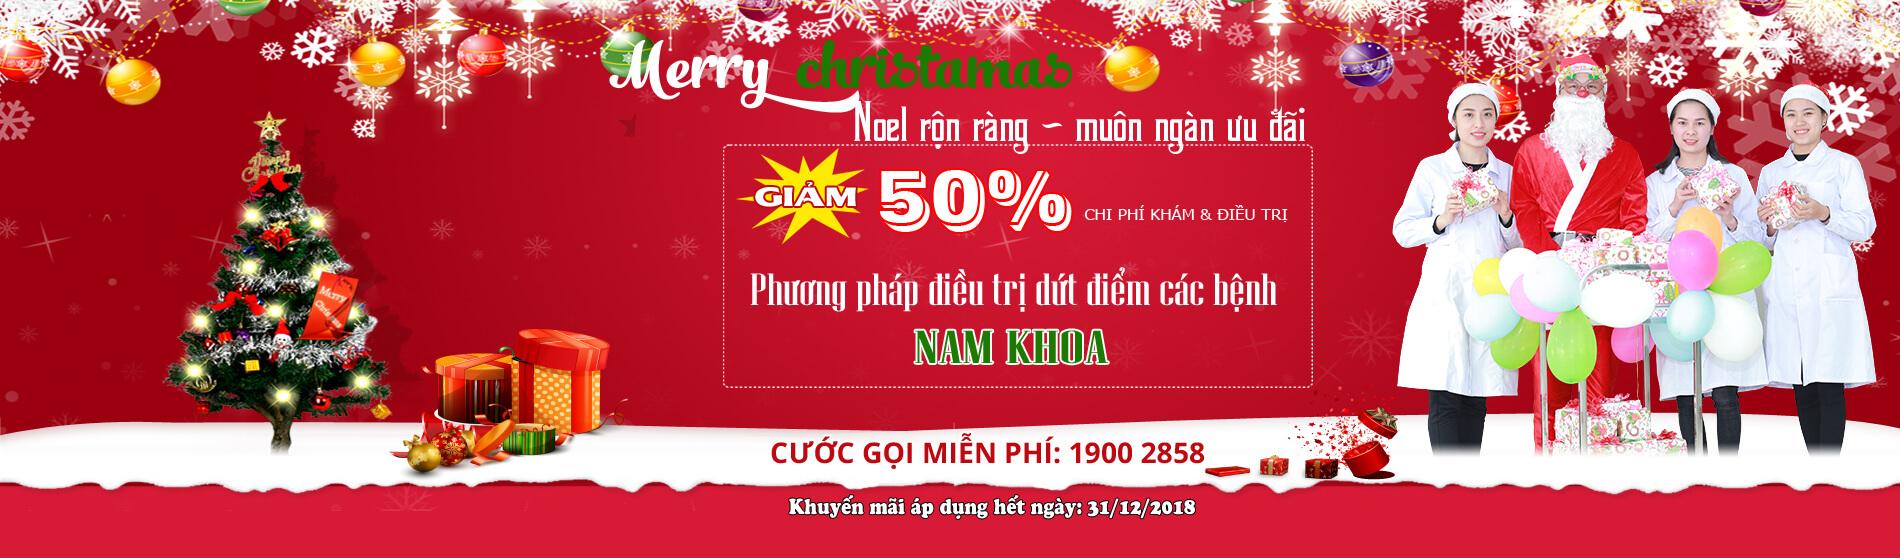 Noel rộn ràng muôn vàn ưu đãi, giảm 50% chi phí khám và điều trị